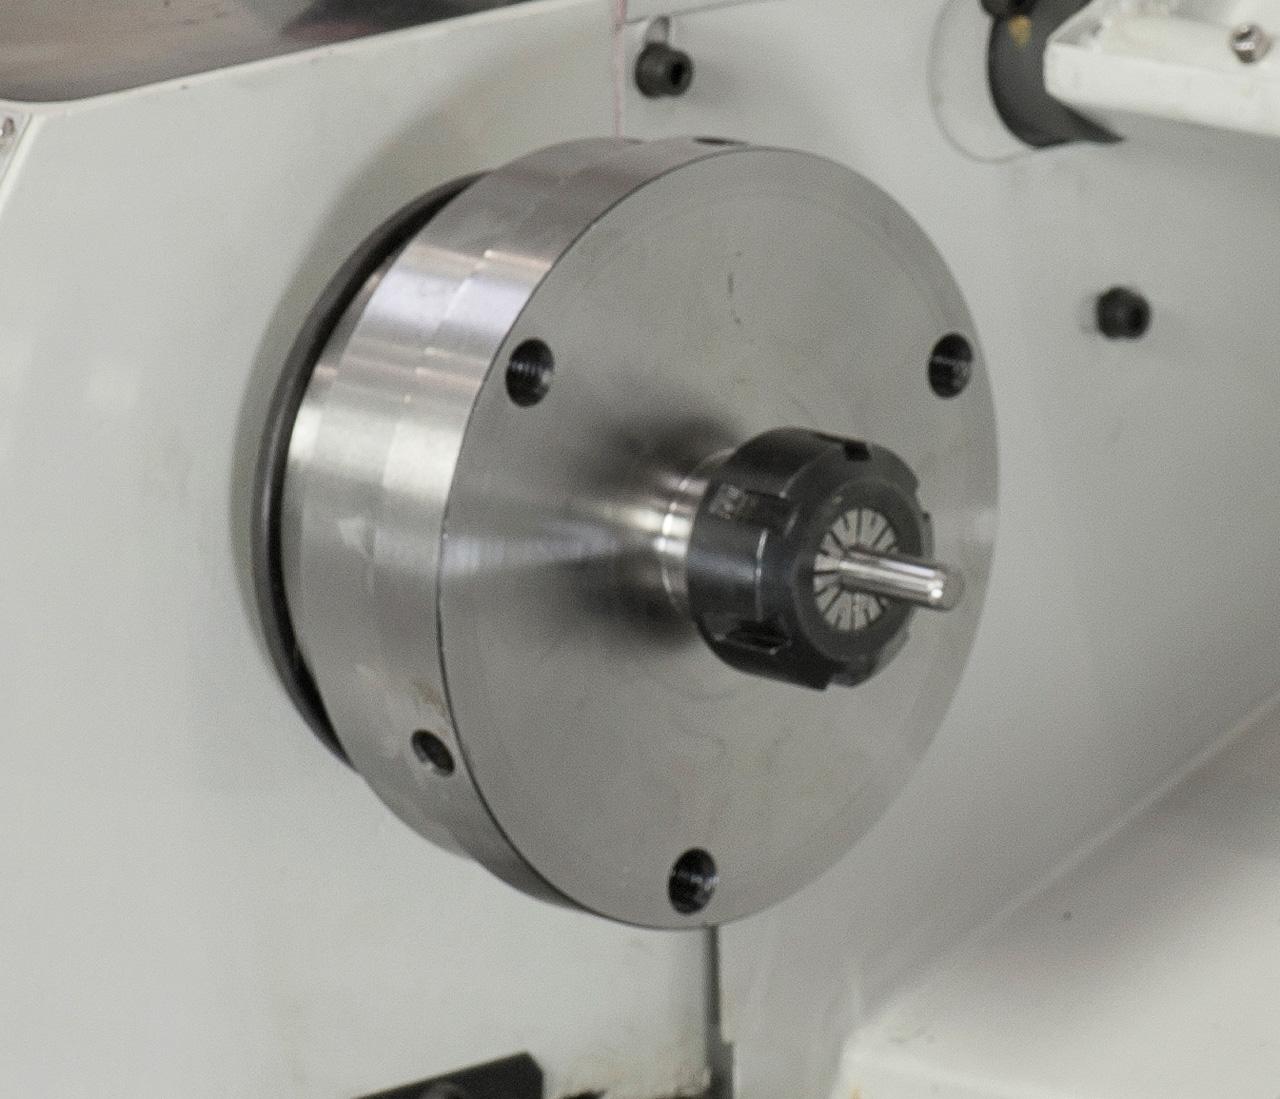 Das Spannzangenfutter Er 25 gewährleistet eine hohe Rundlaufgenauigkeit bei Spannen von Werkstücken, Spannbereich 1 - 16 mm.